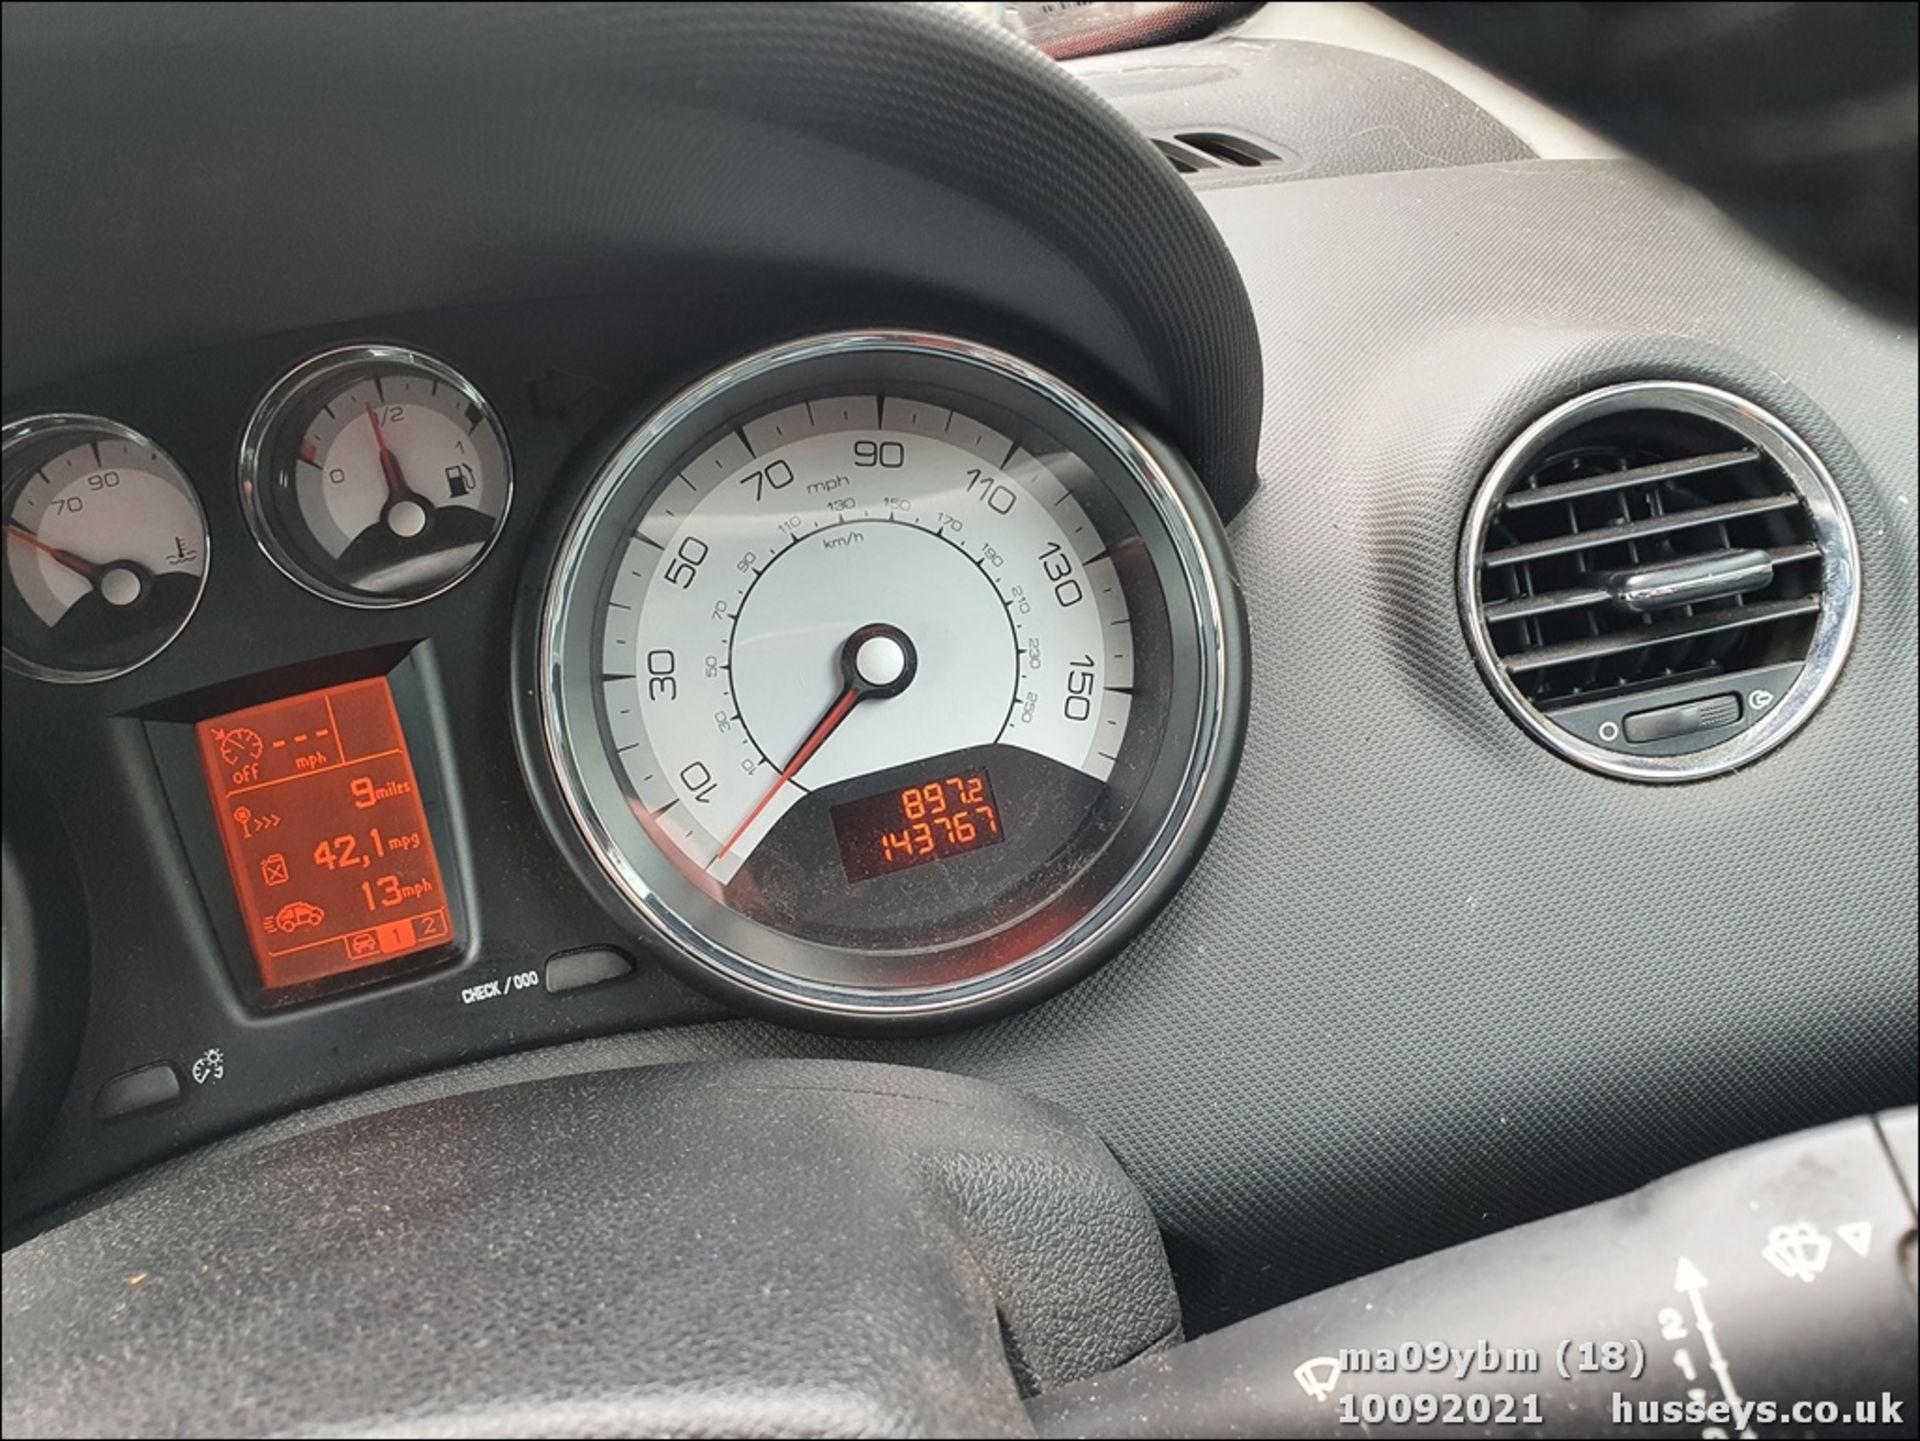 09/09 PEUGEOT 308 SE HDI - 1560cc 5dr Hatchback (Red) - Image 18 of 19